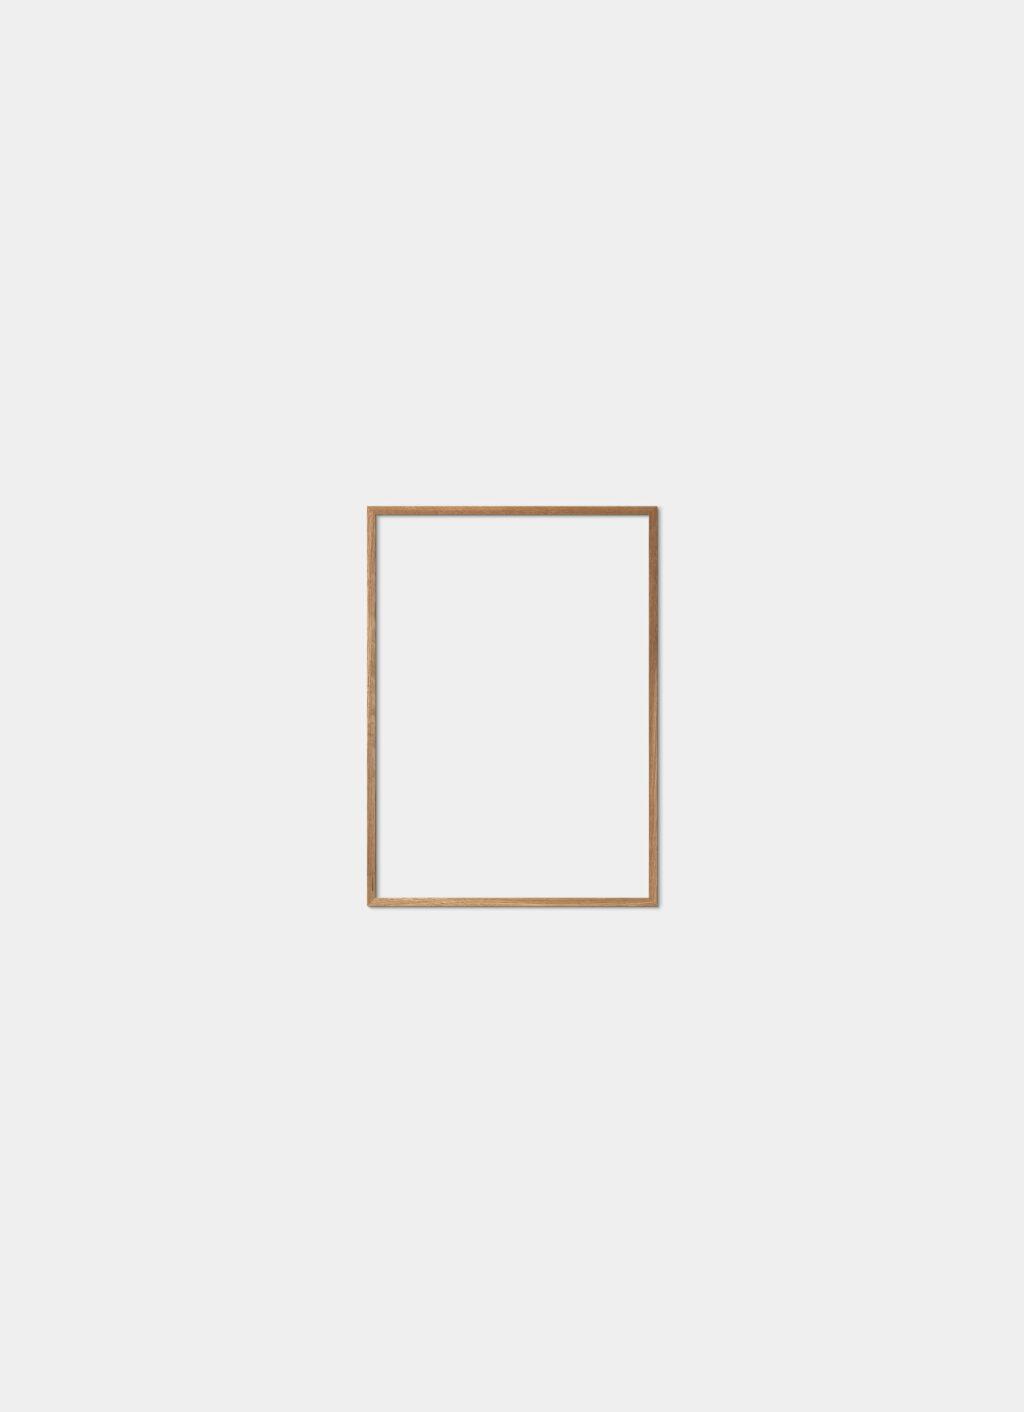 Solid Oak Frame - Natural - 30x40 cm